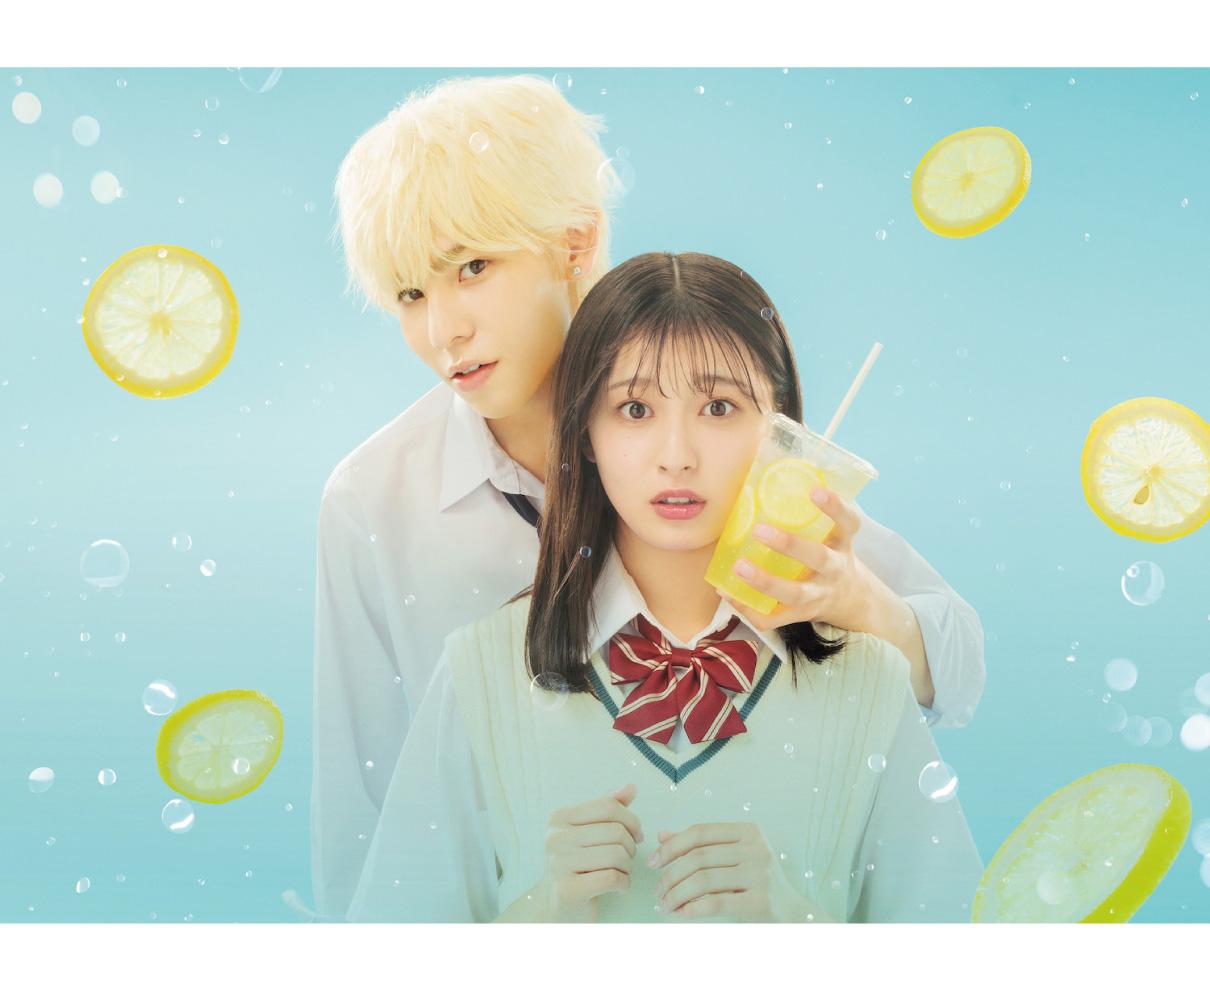 「ハニーレモンソーダ」さわやか度120%の青春ラブストーリーを観て、キュンキュンしよう♡